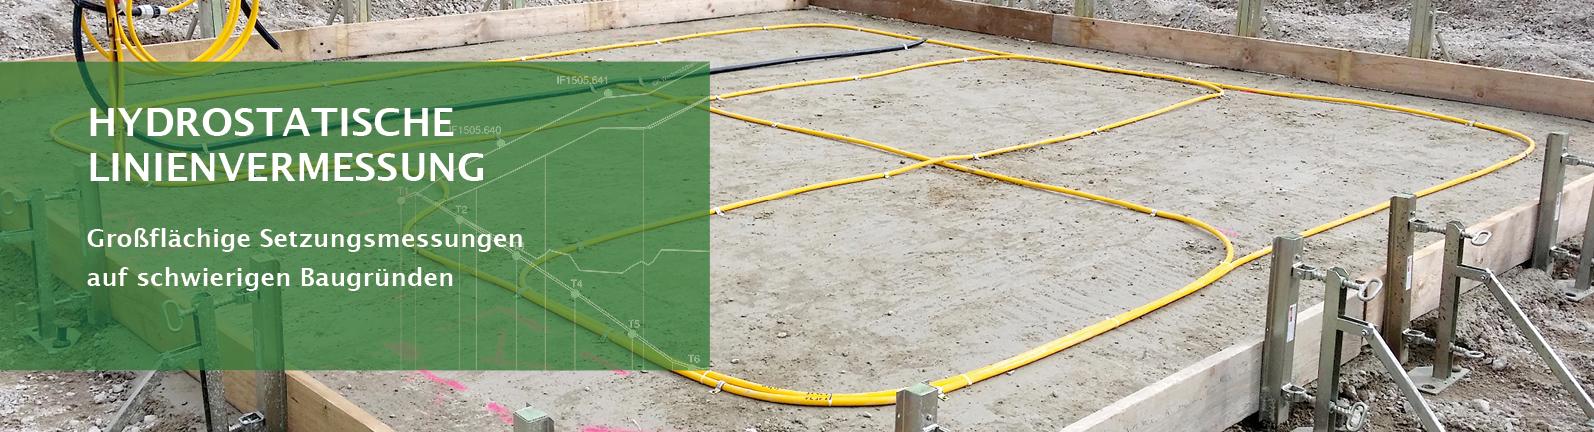 Lhotzky und Partner Startbanner Hydrostatische Linienvermessung